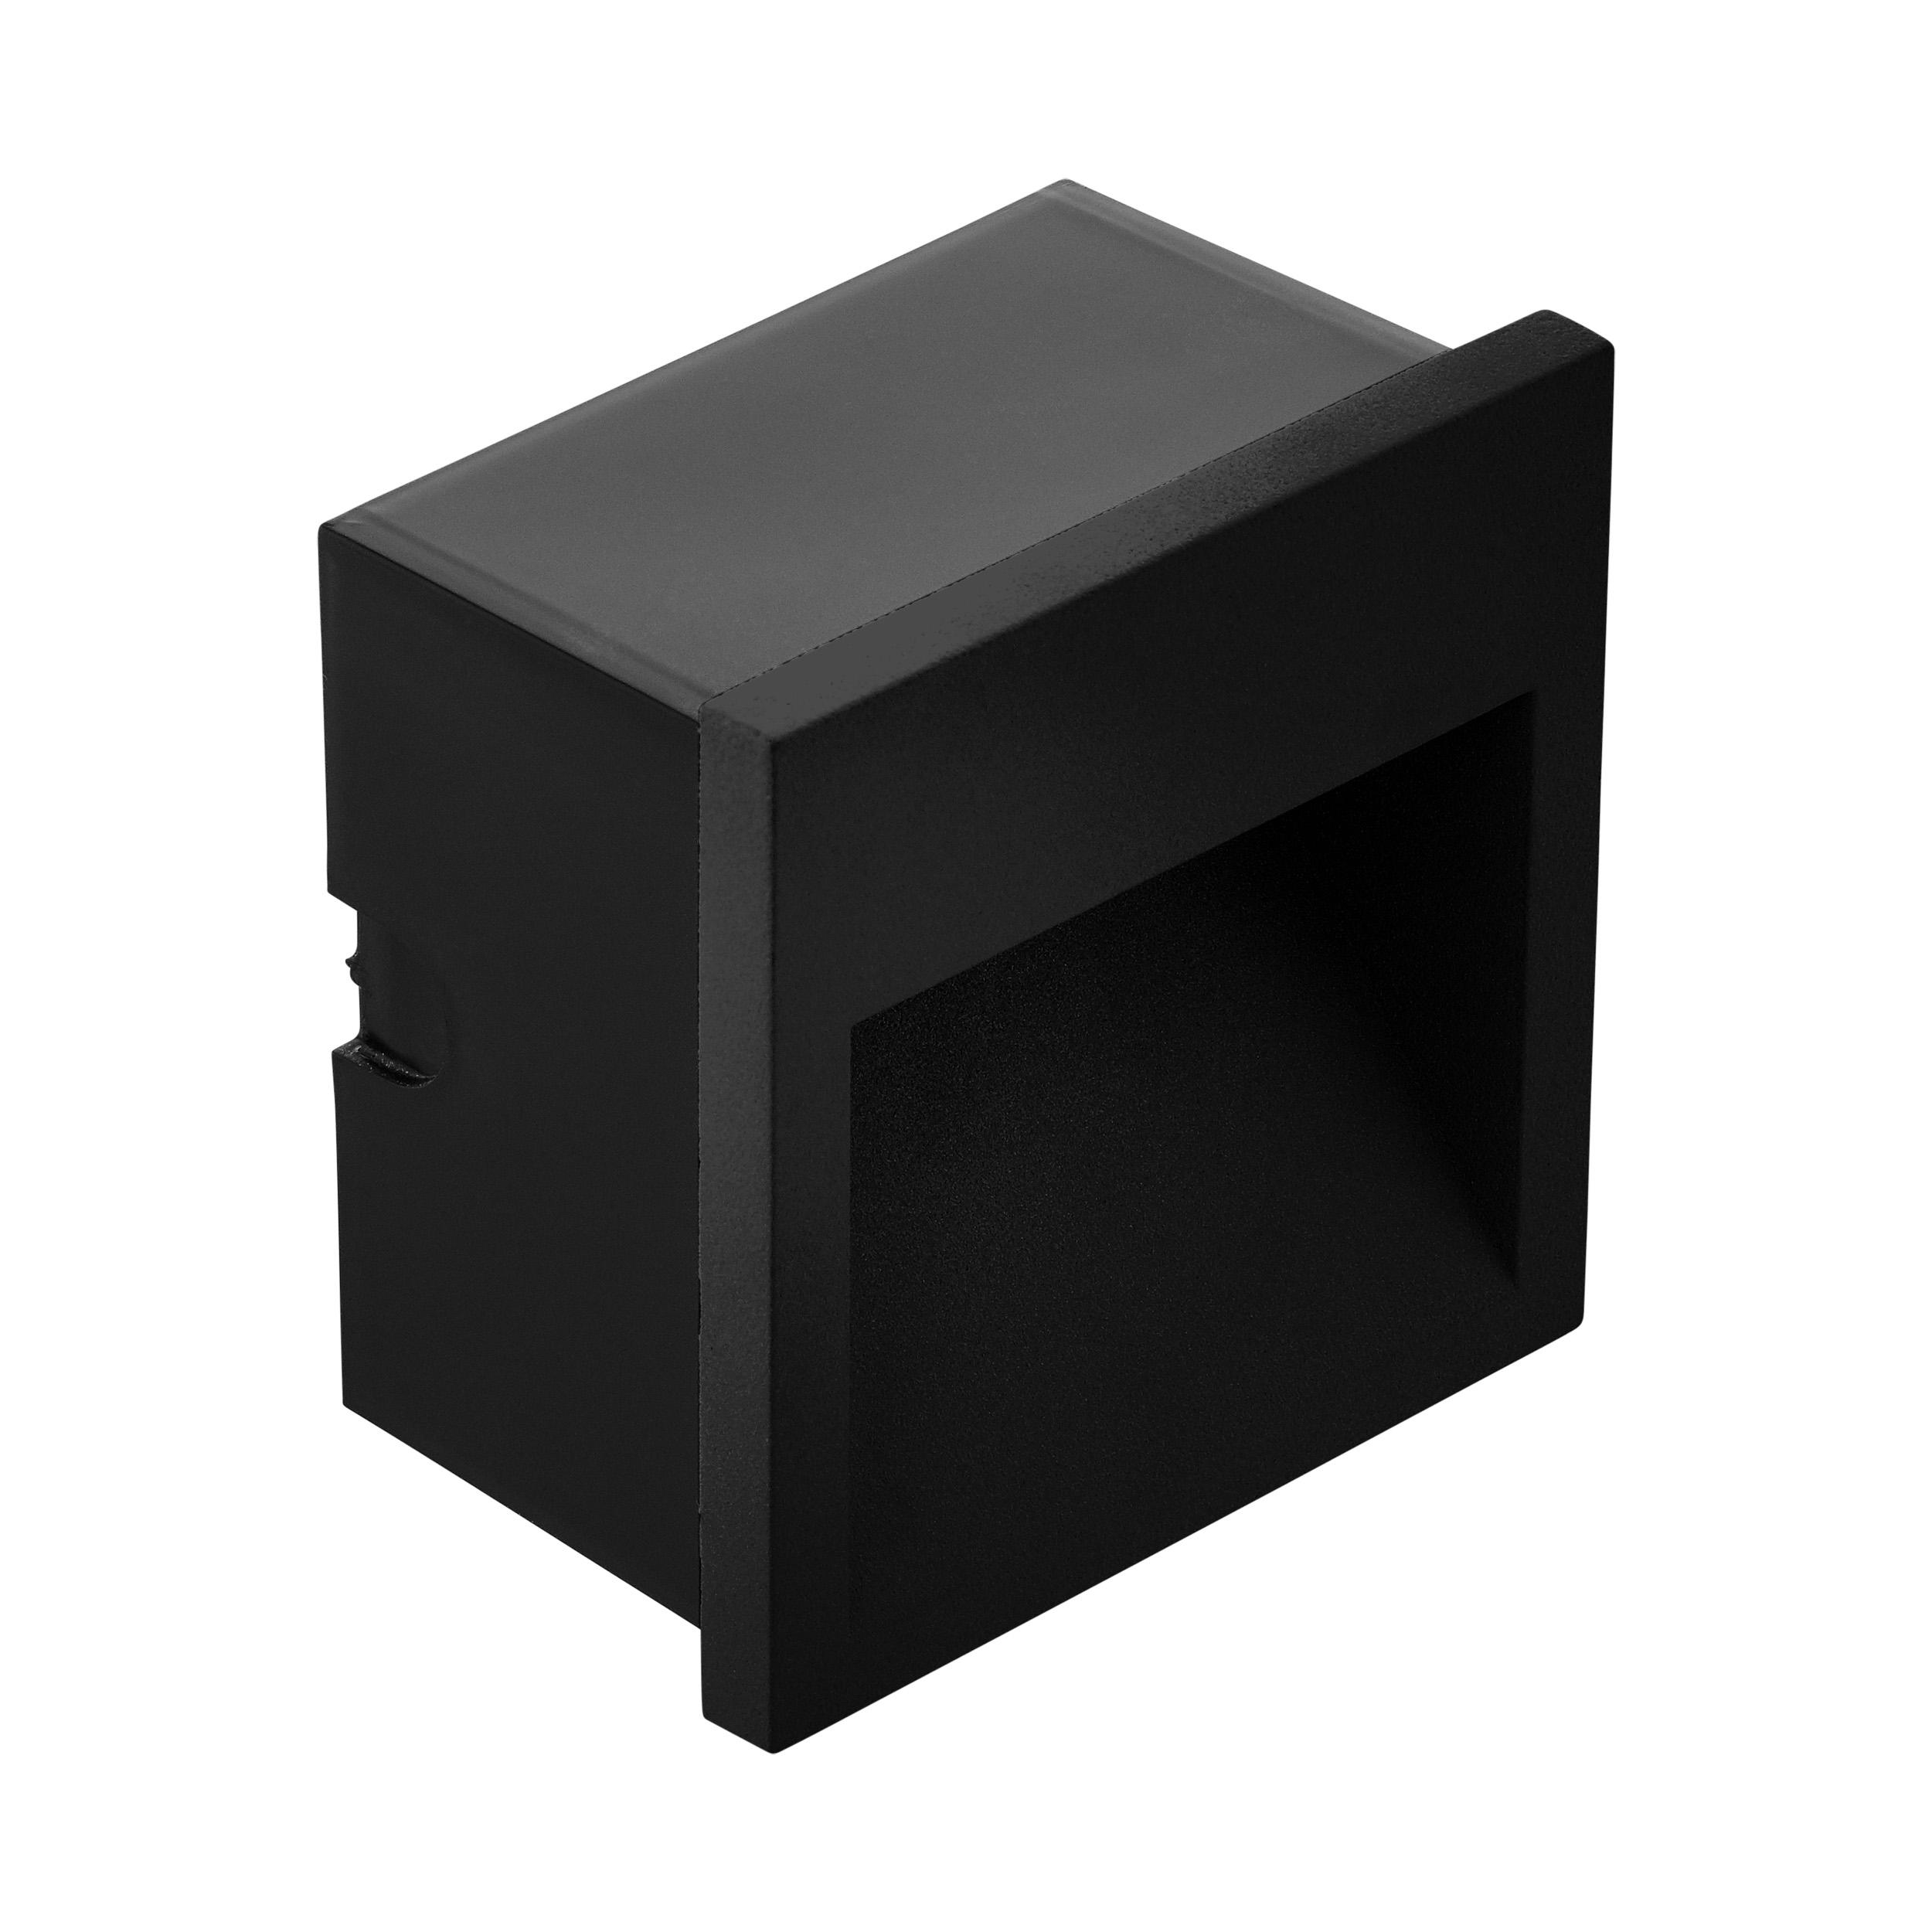 1 Stk Zimba Pro 4W 4000K anthrazit IP54 LI66259---